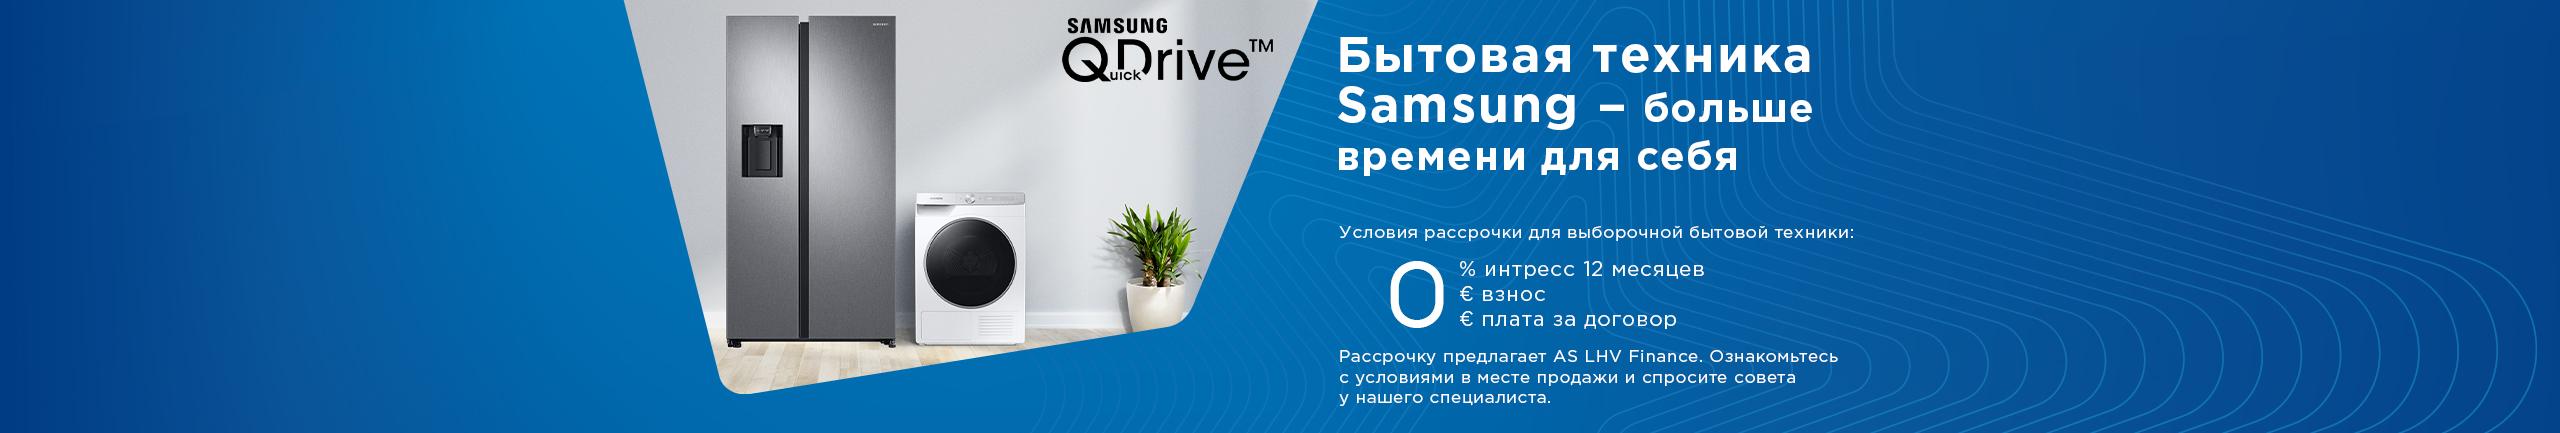 Выборочная бытовая техника Samsung в рассрочку на 12 месяцев с интрессом 0%  плата за договор 0€, взнос 0€